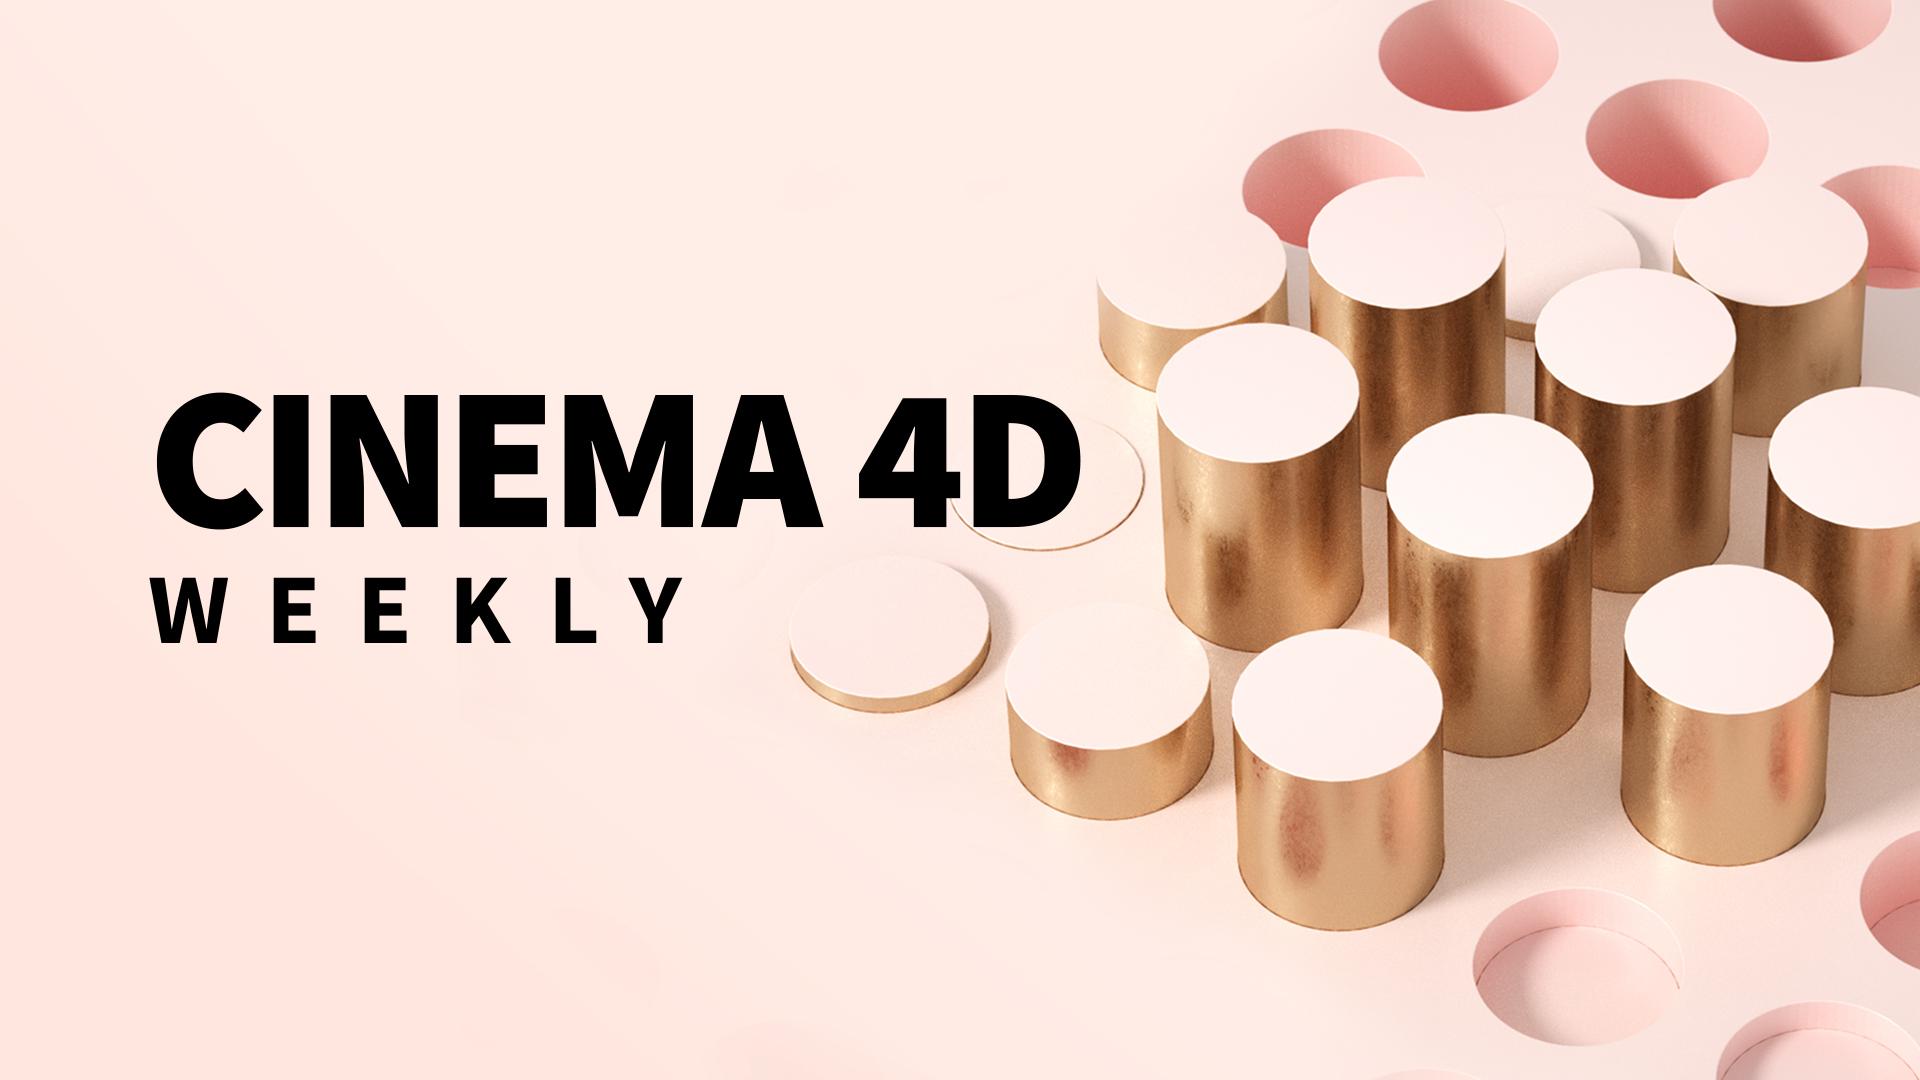 Cinema 4D Full crack